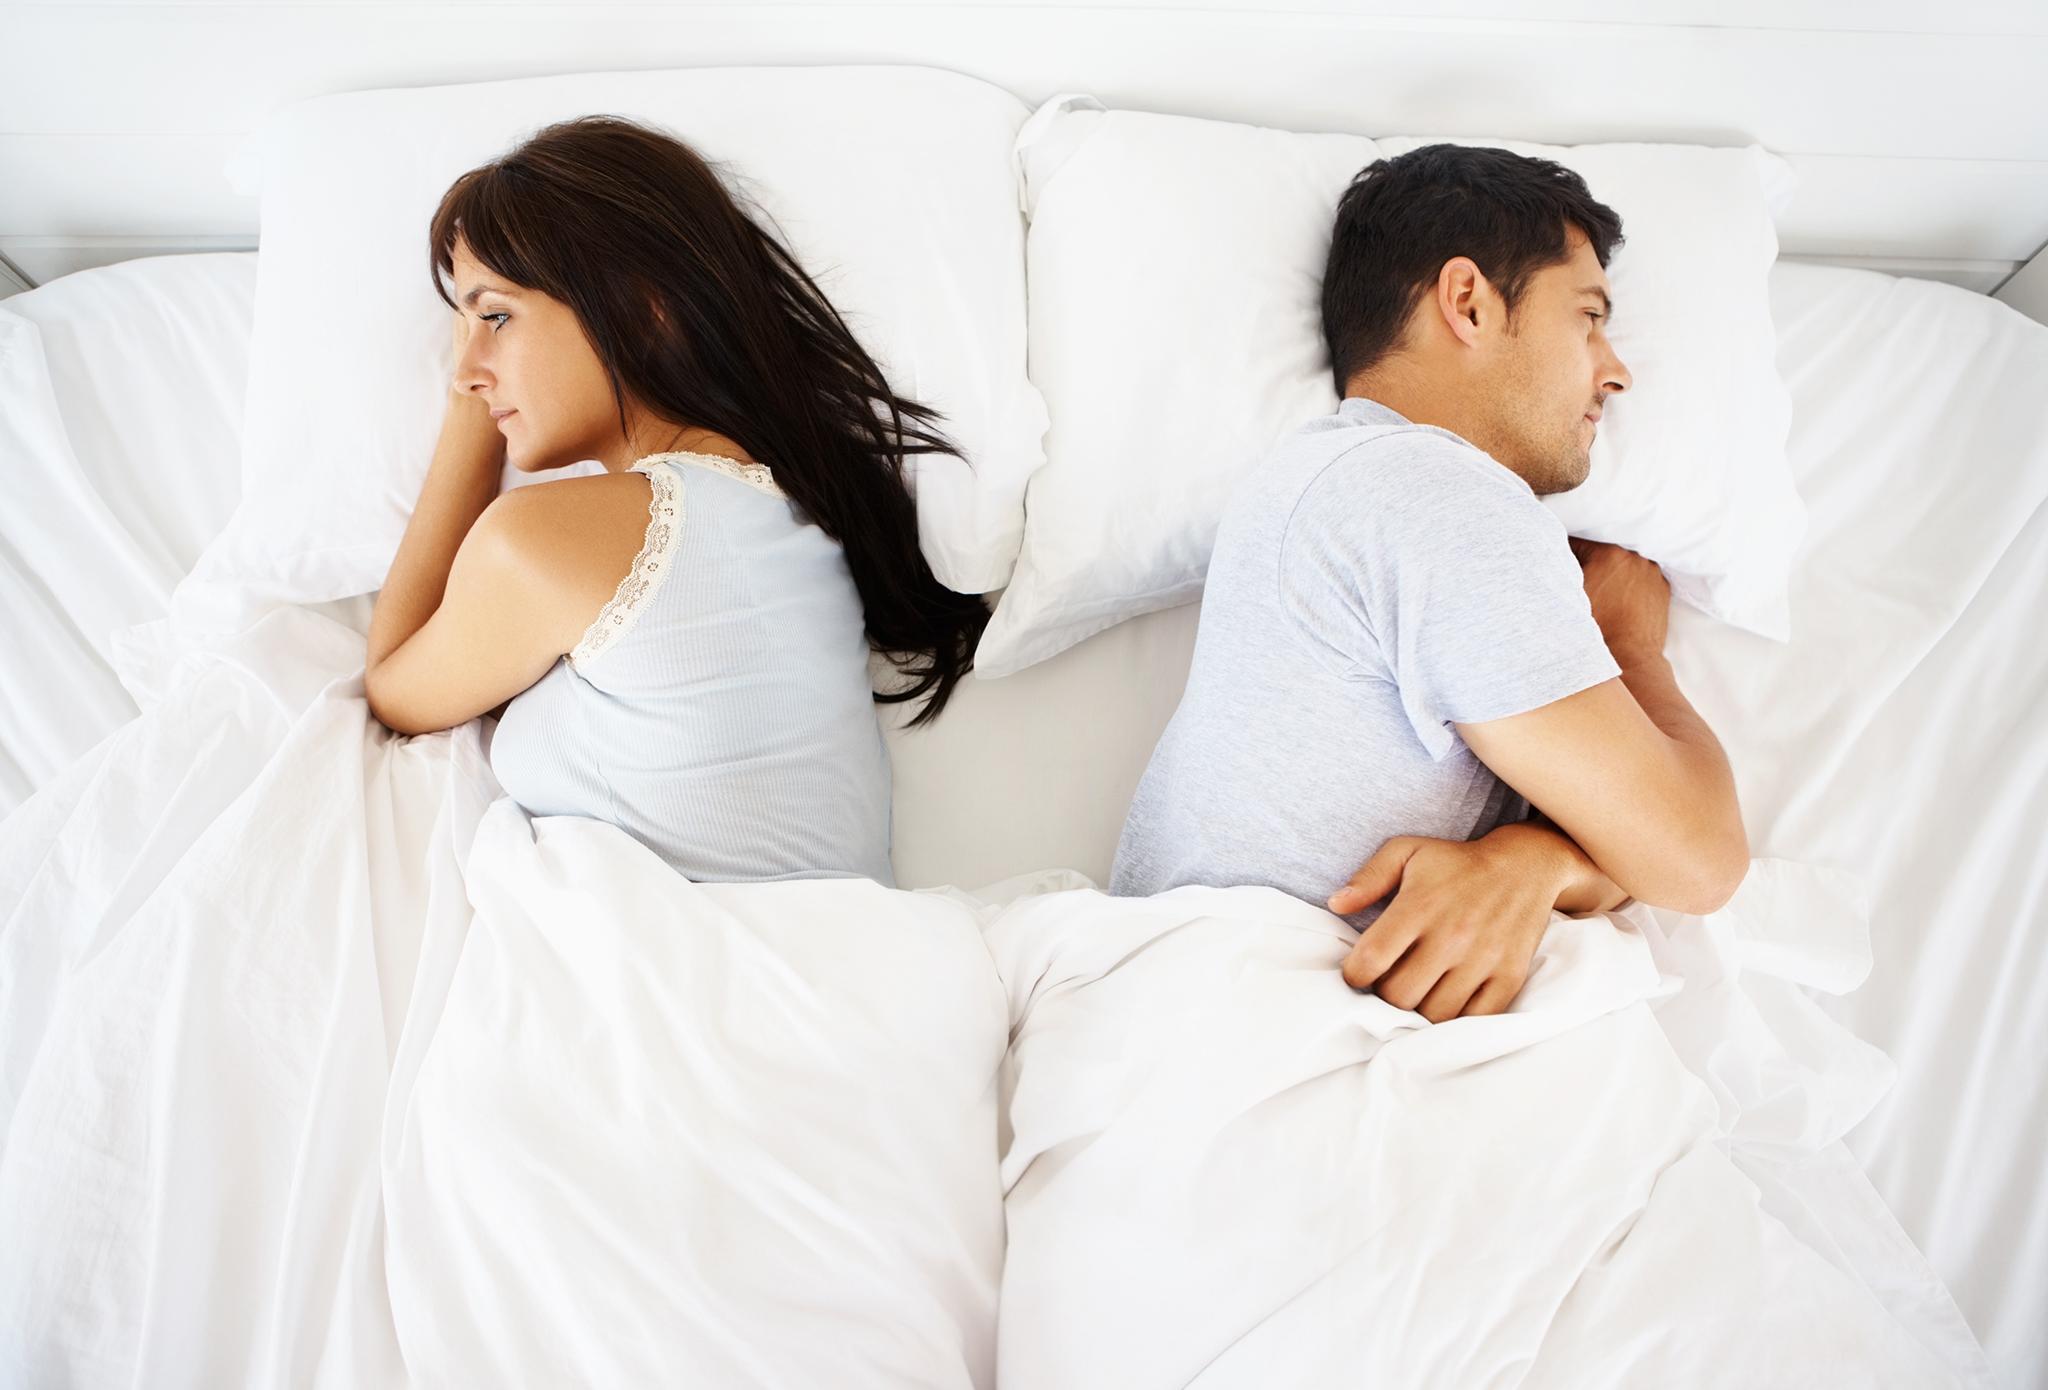 Khô hạn vùng kín có thể làm mất cảm hứng cho các cặp đôi.